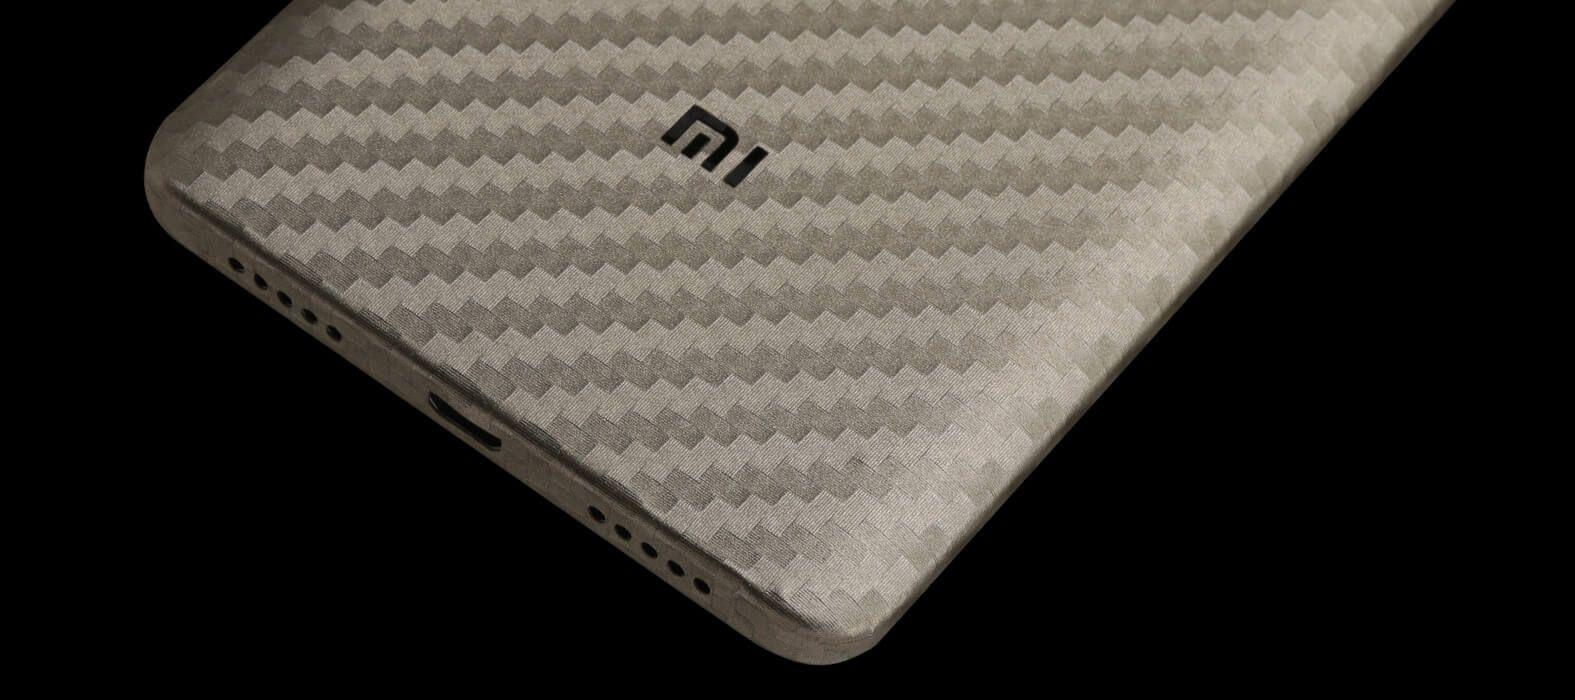 Pewter Carbon Redmi Note 4 Wraps & Skins